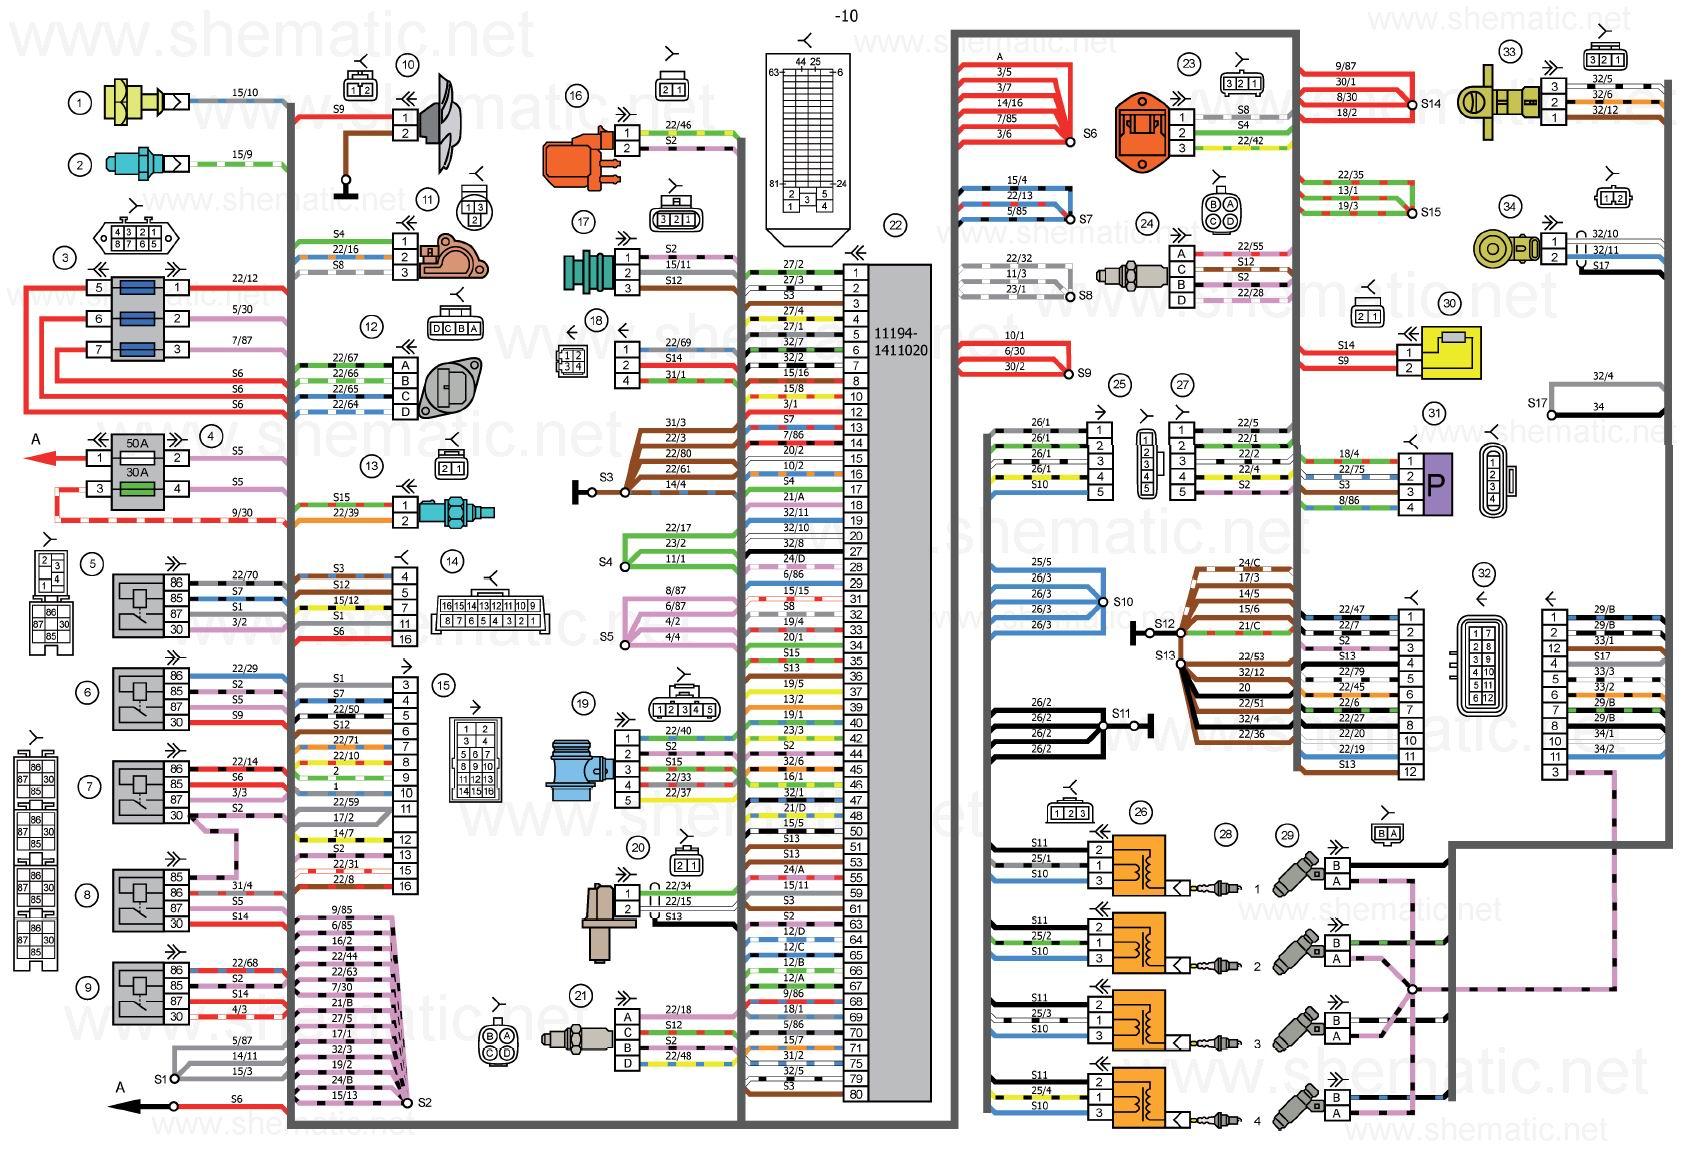 Схема электрических соединений системы зажигания автомобилей LADA KALINA 11174,11184, 11194.